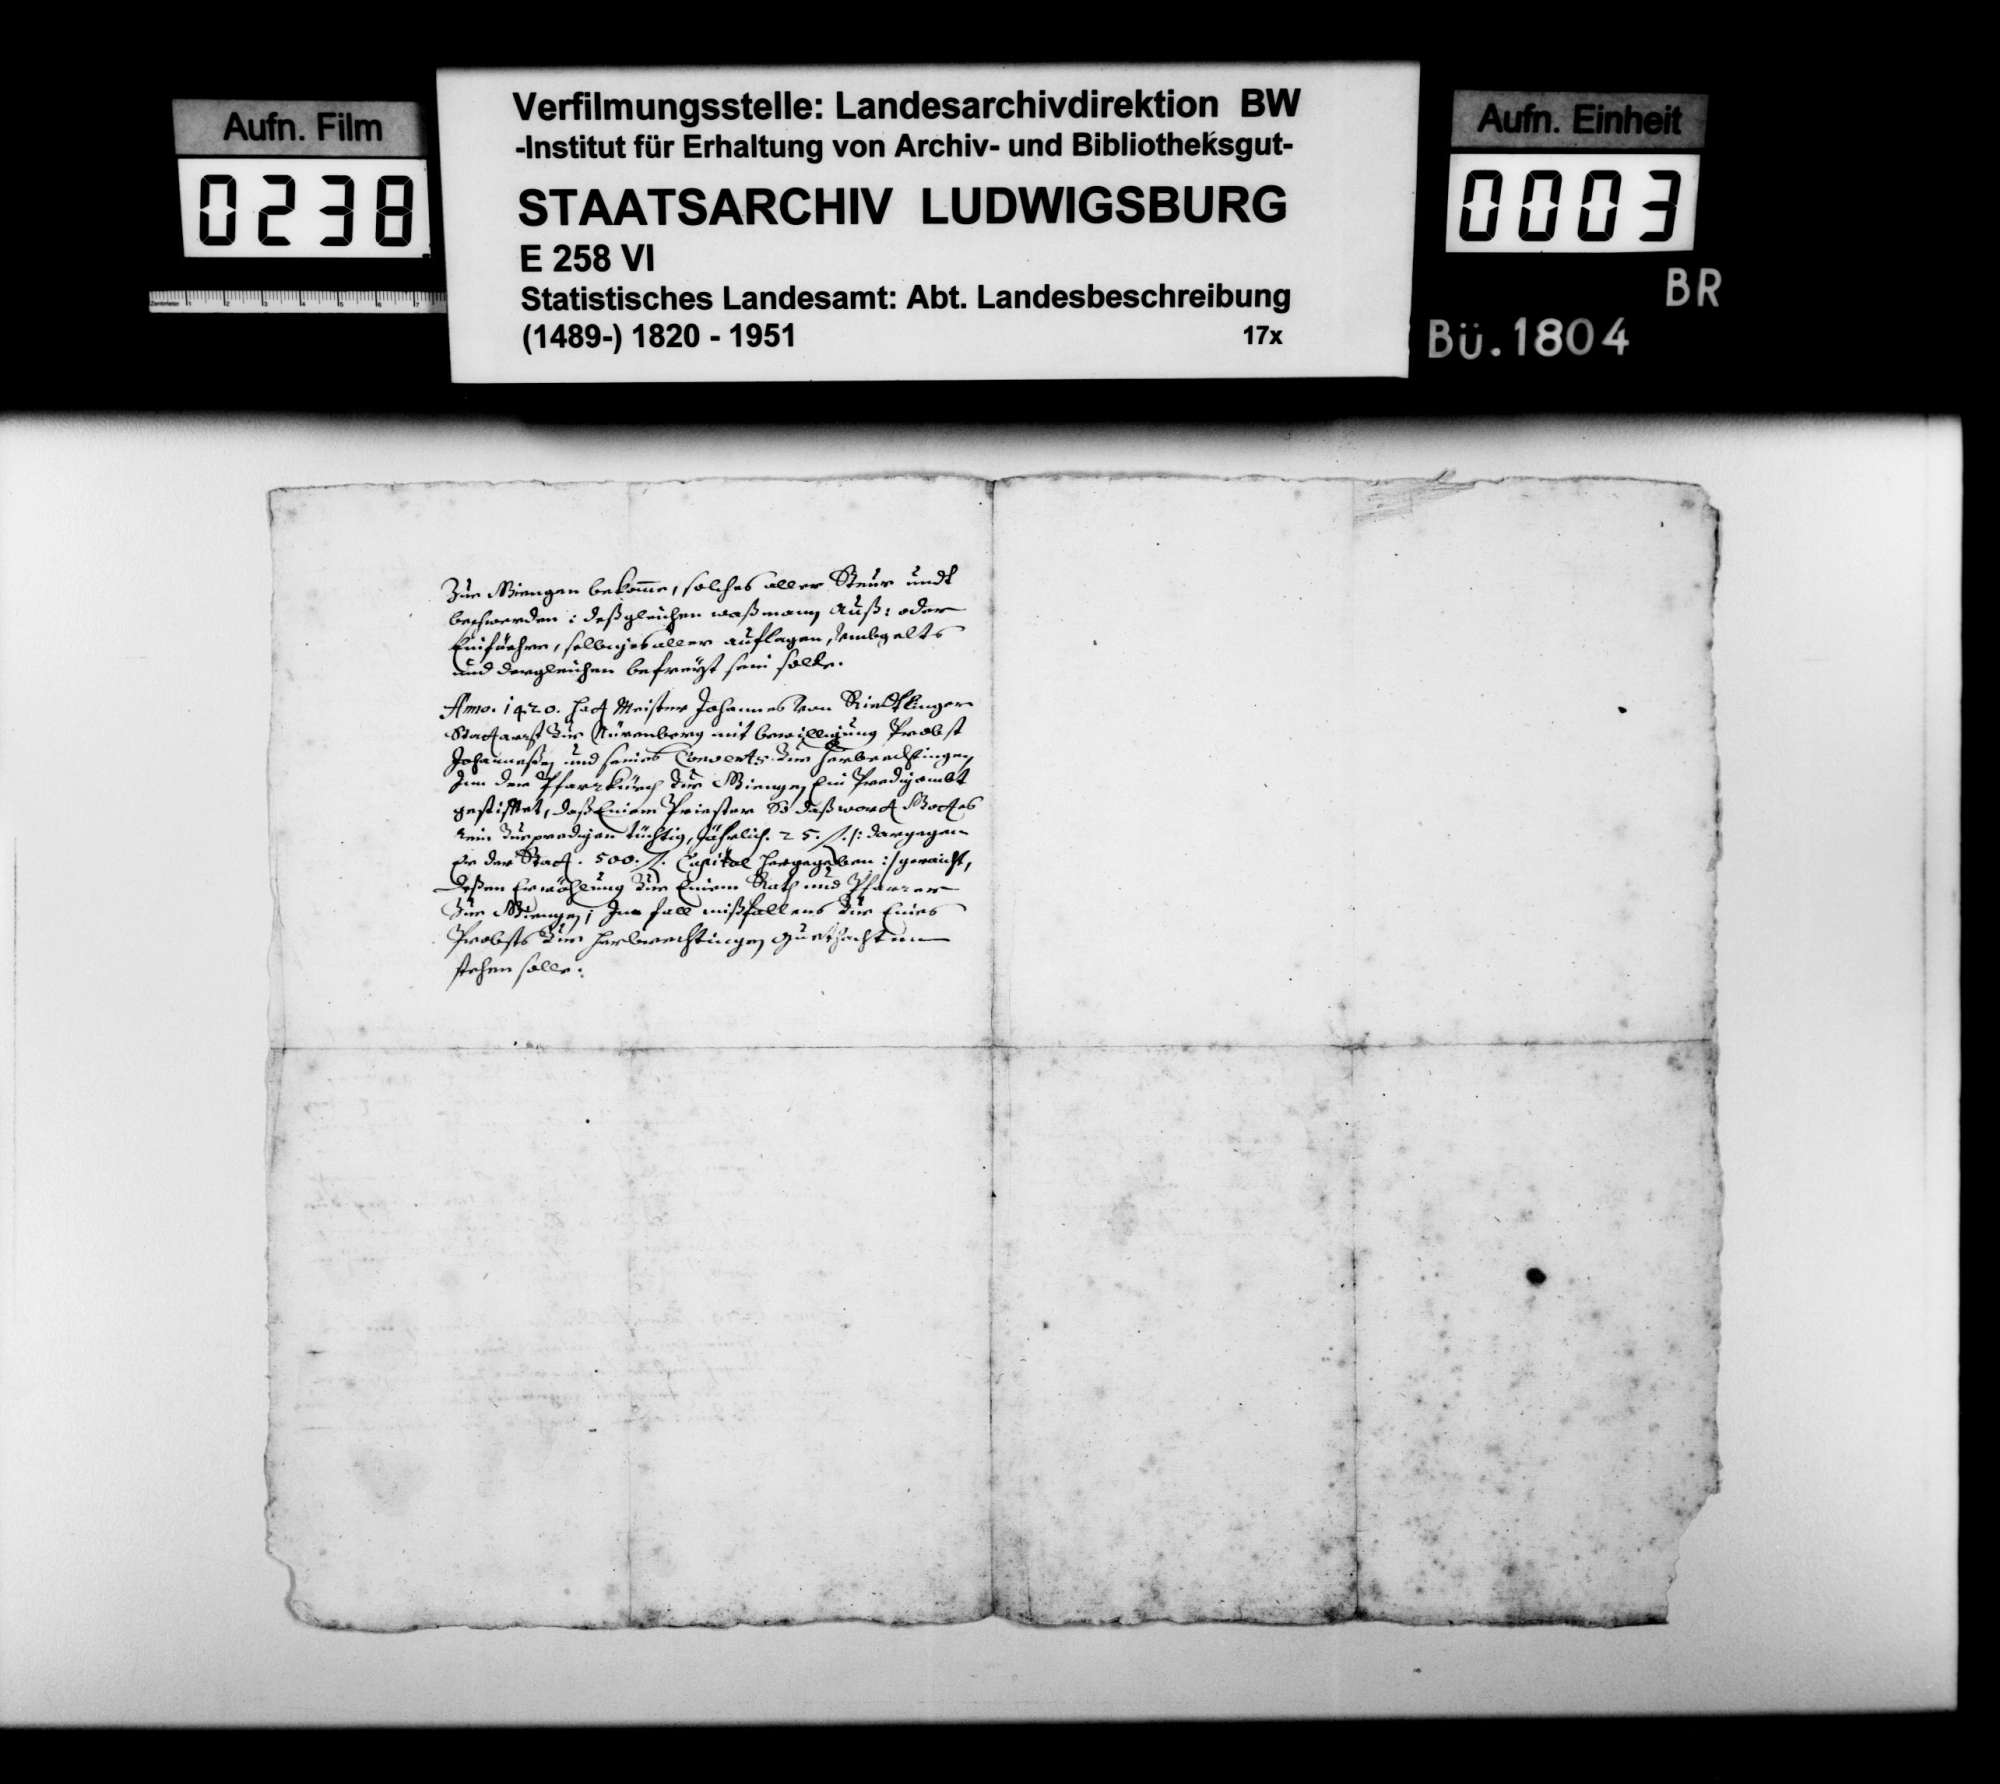 Stiftung und Erwerbungen des Klosters Herbrechtingen 1171-1420, o.Dat., o.Verf., Bild 2